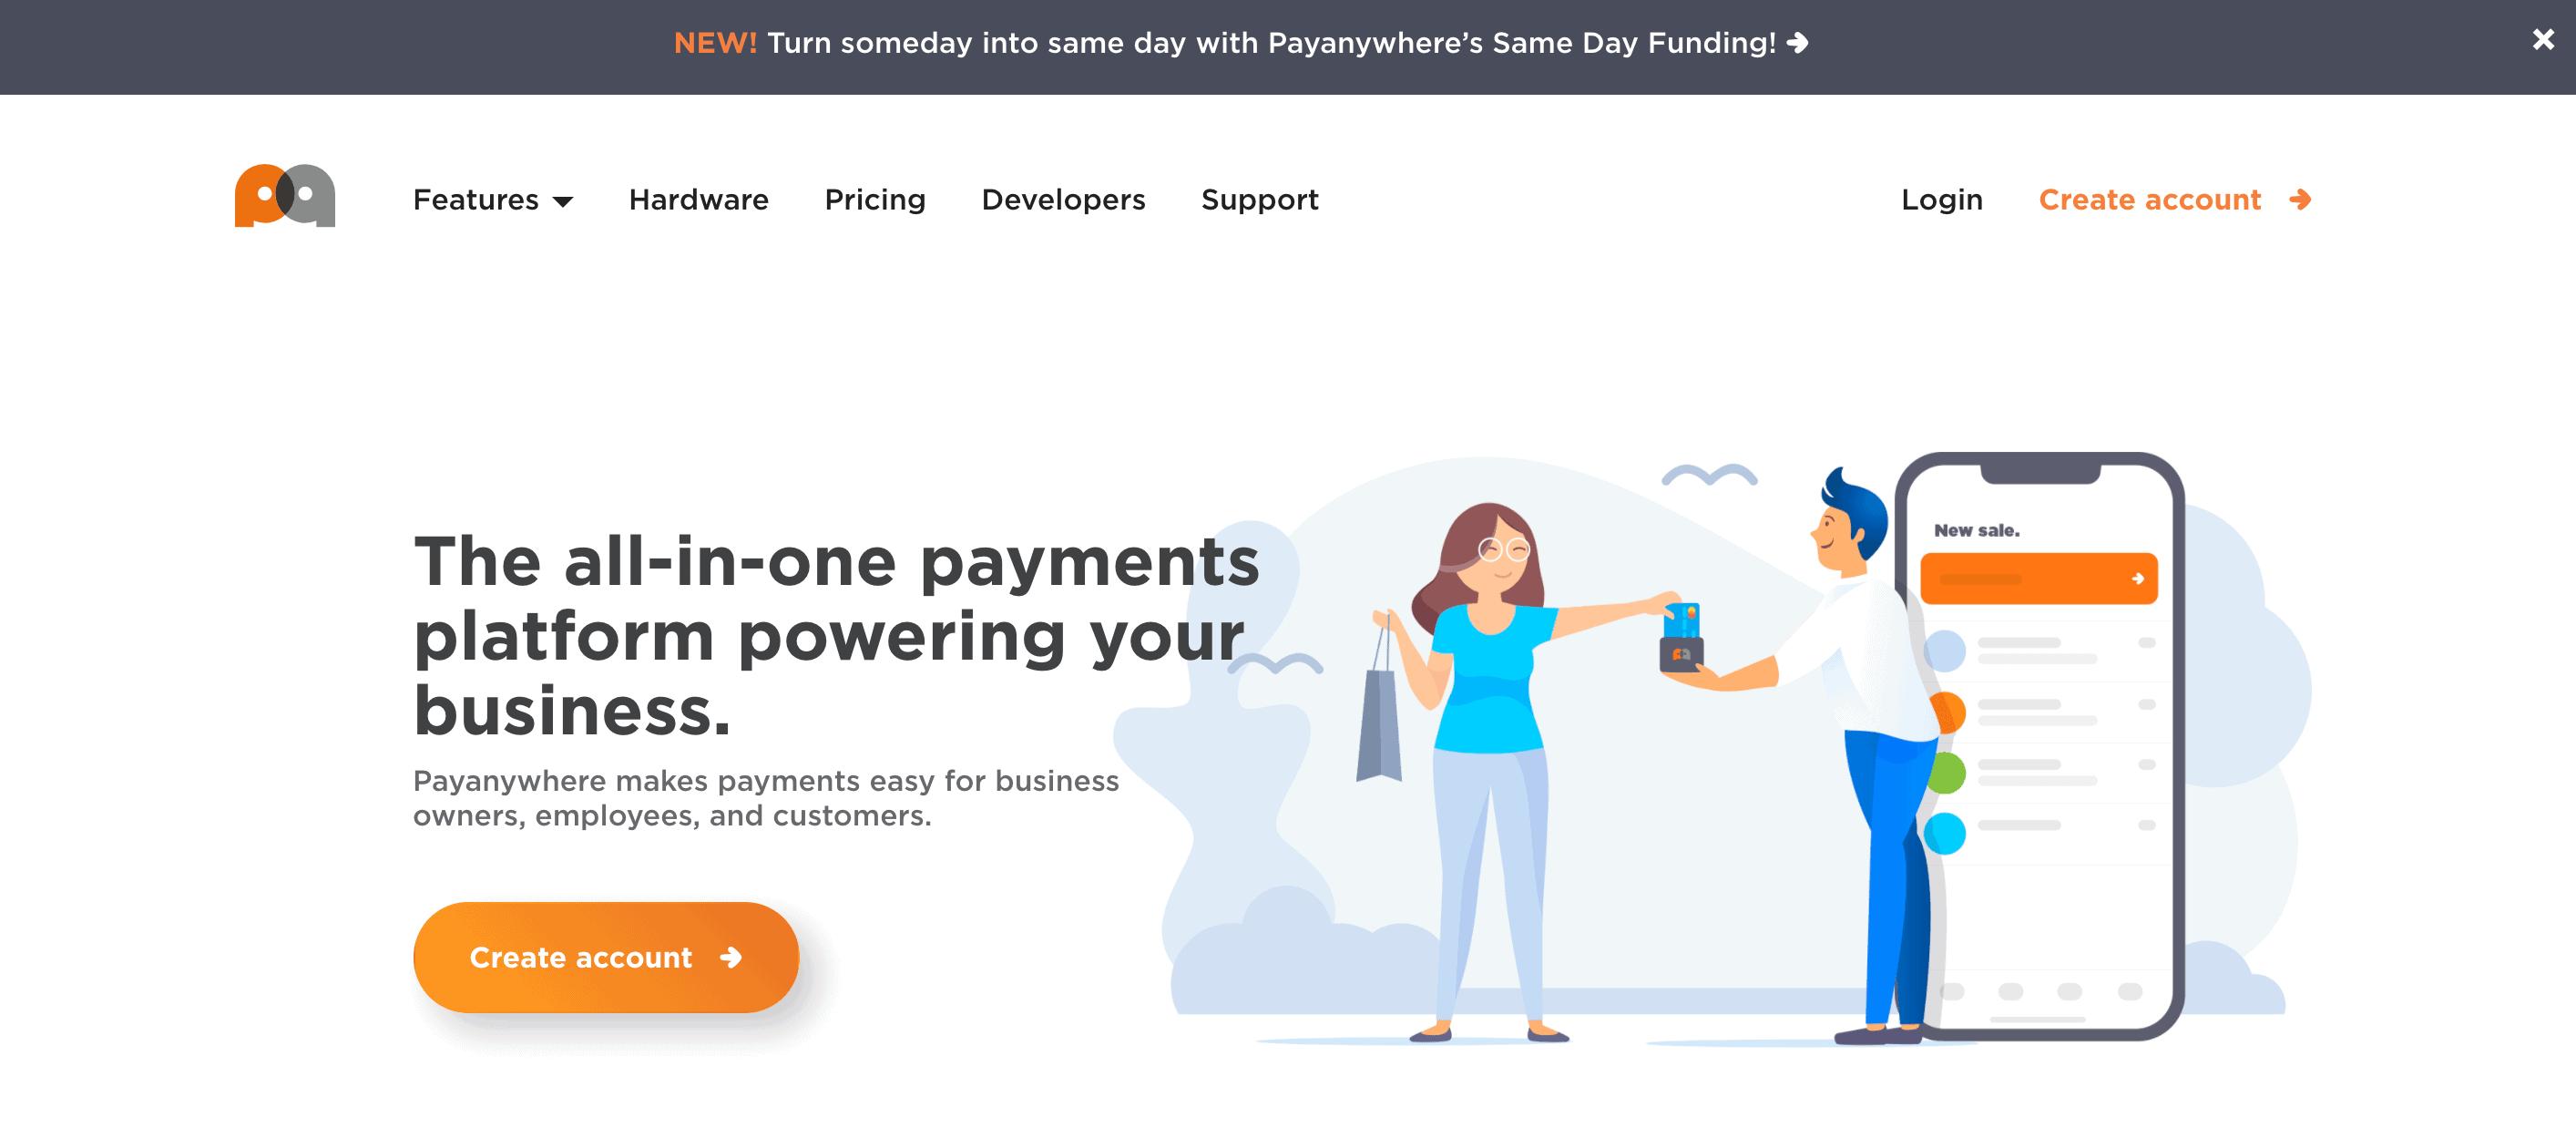 payanywhere homepage screenshot